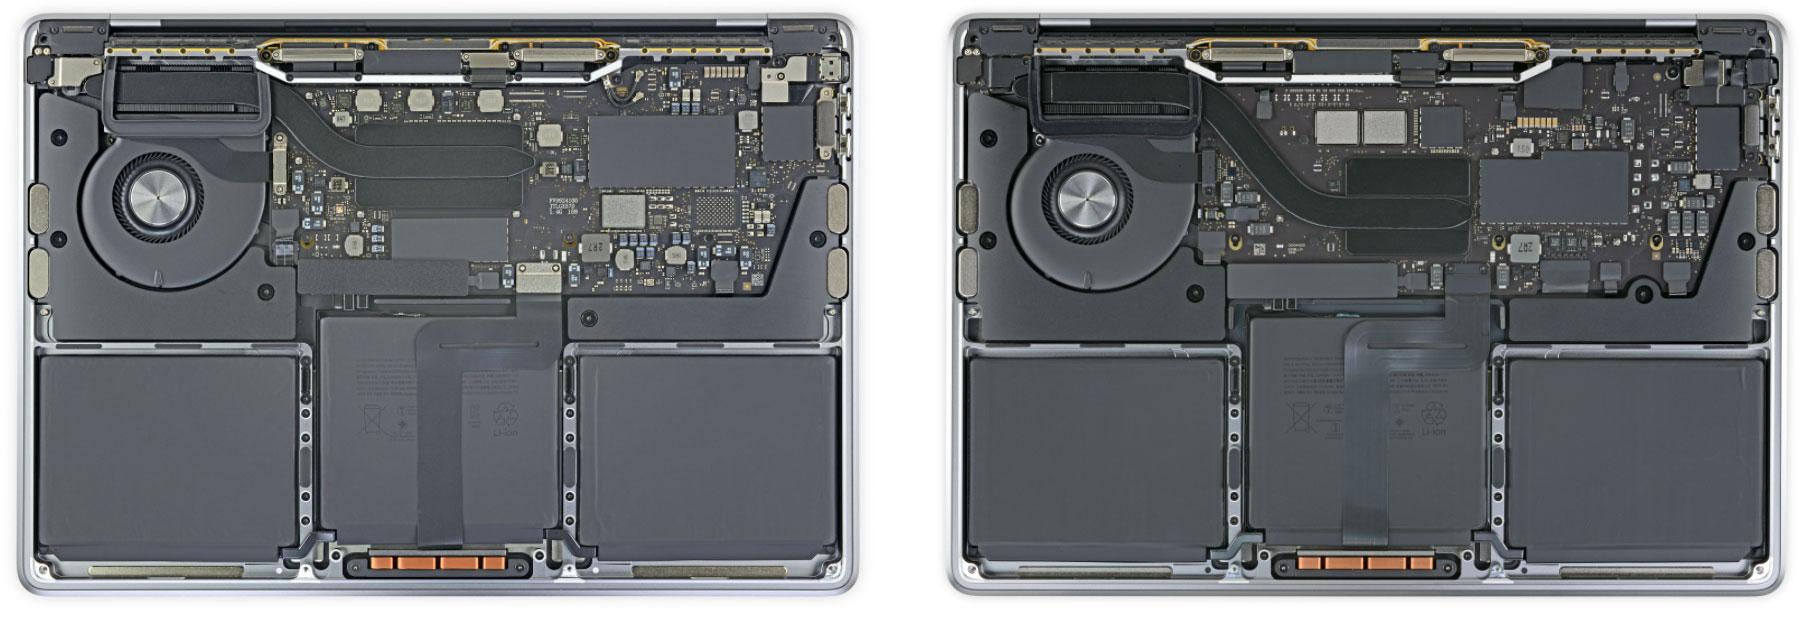 MacBook Pro con CPU x86 de Intel y M1 ARM de Apple